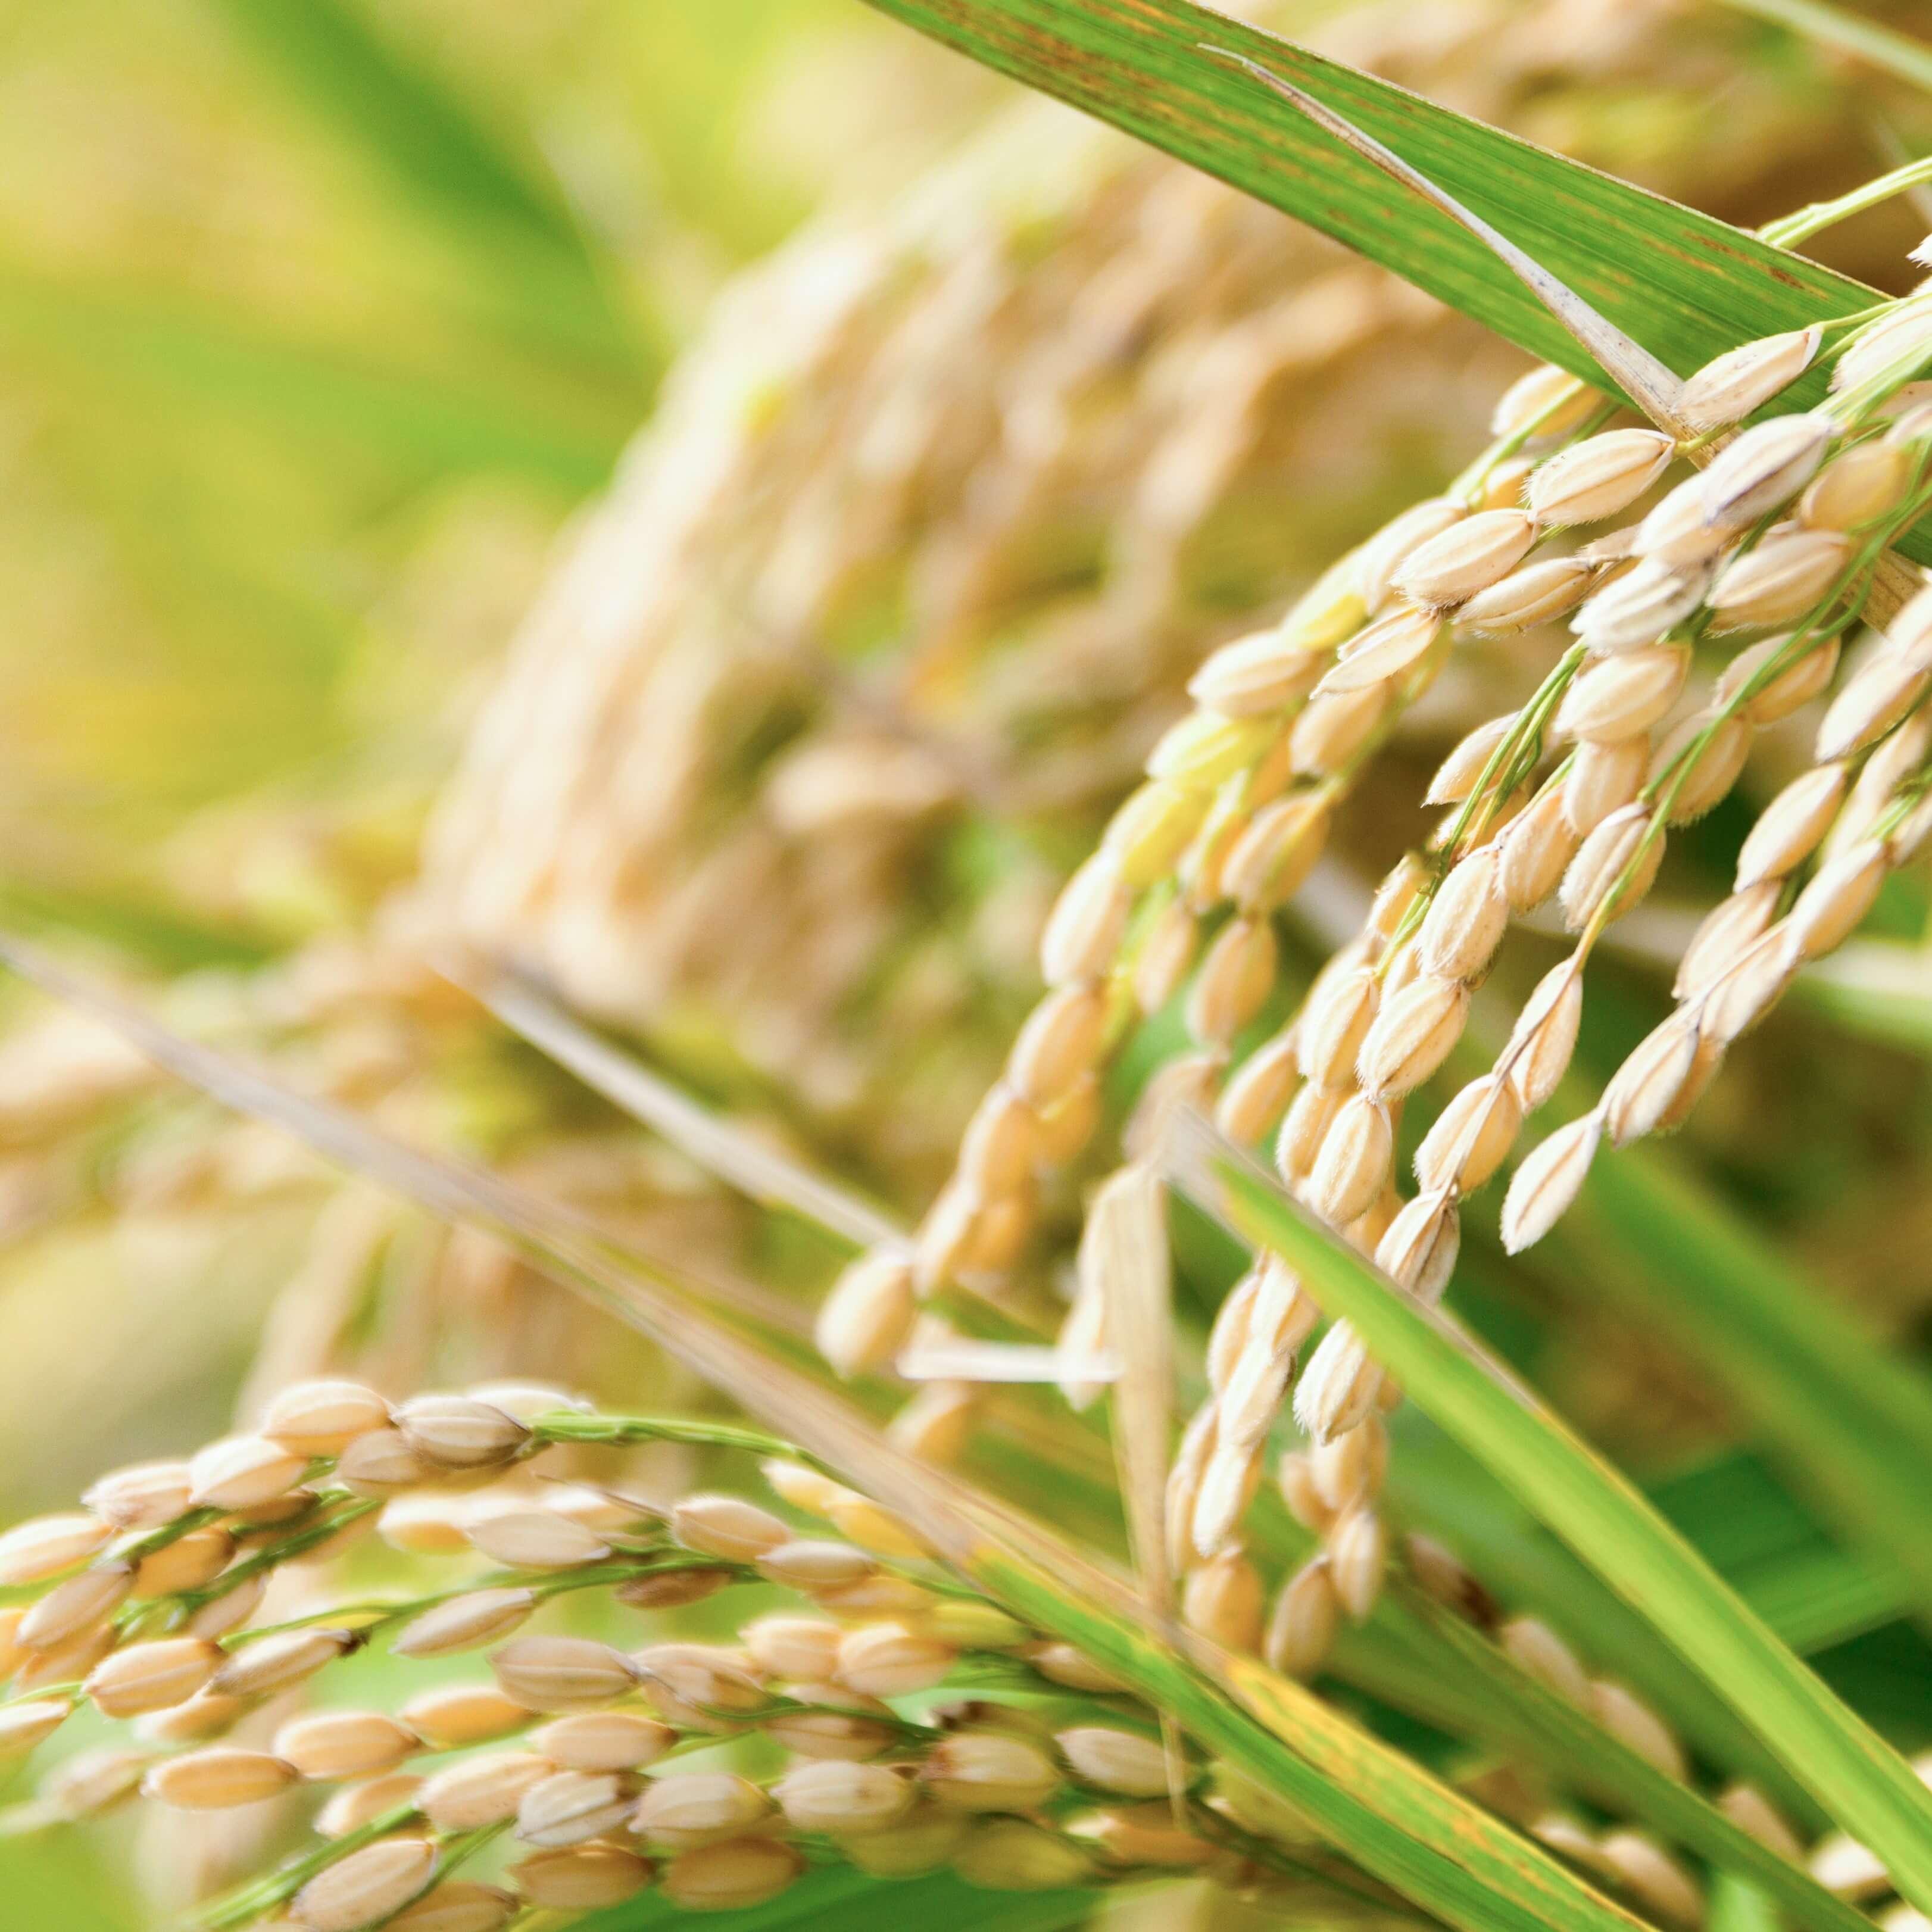 お米について(構造)